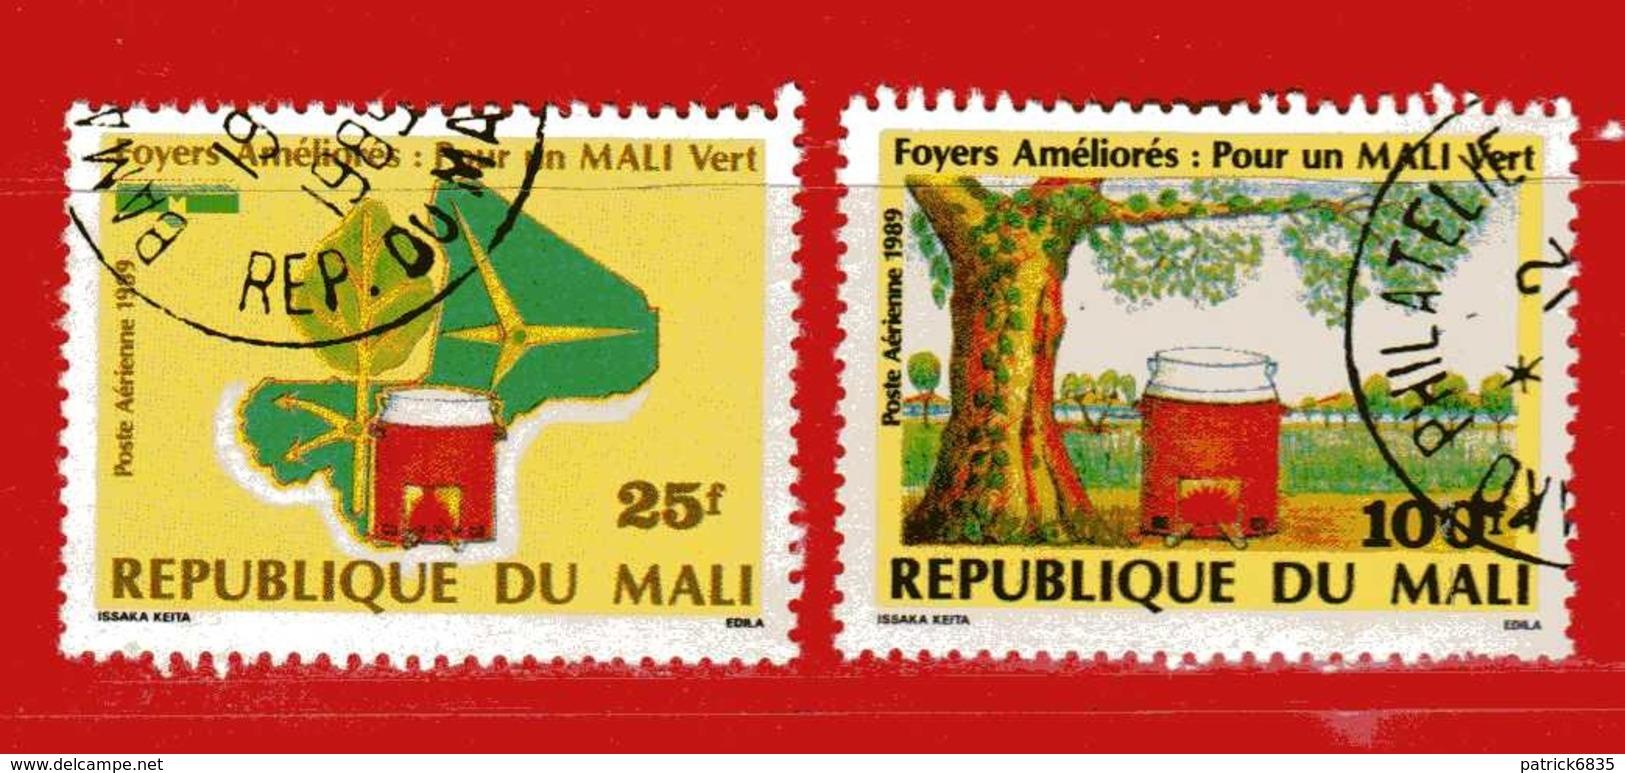 (Us3) MALI °  -1989 - POR Un MALI VERT  - P.A. Yvert 537-538. Oblitérer. - Mali (1959-...)